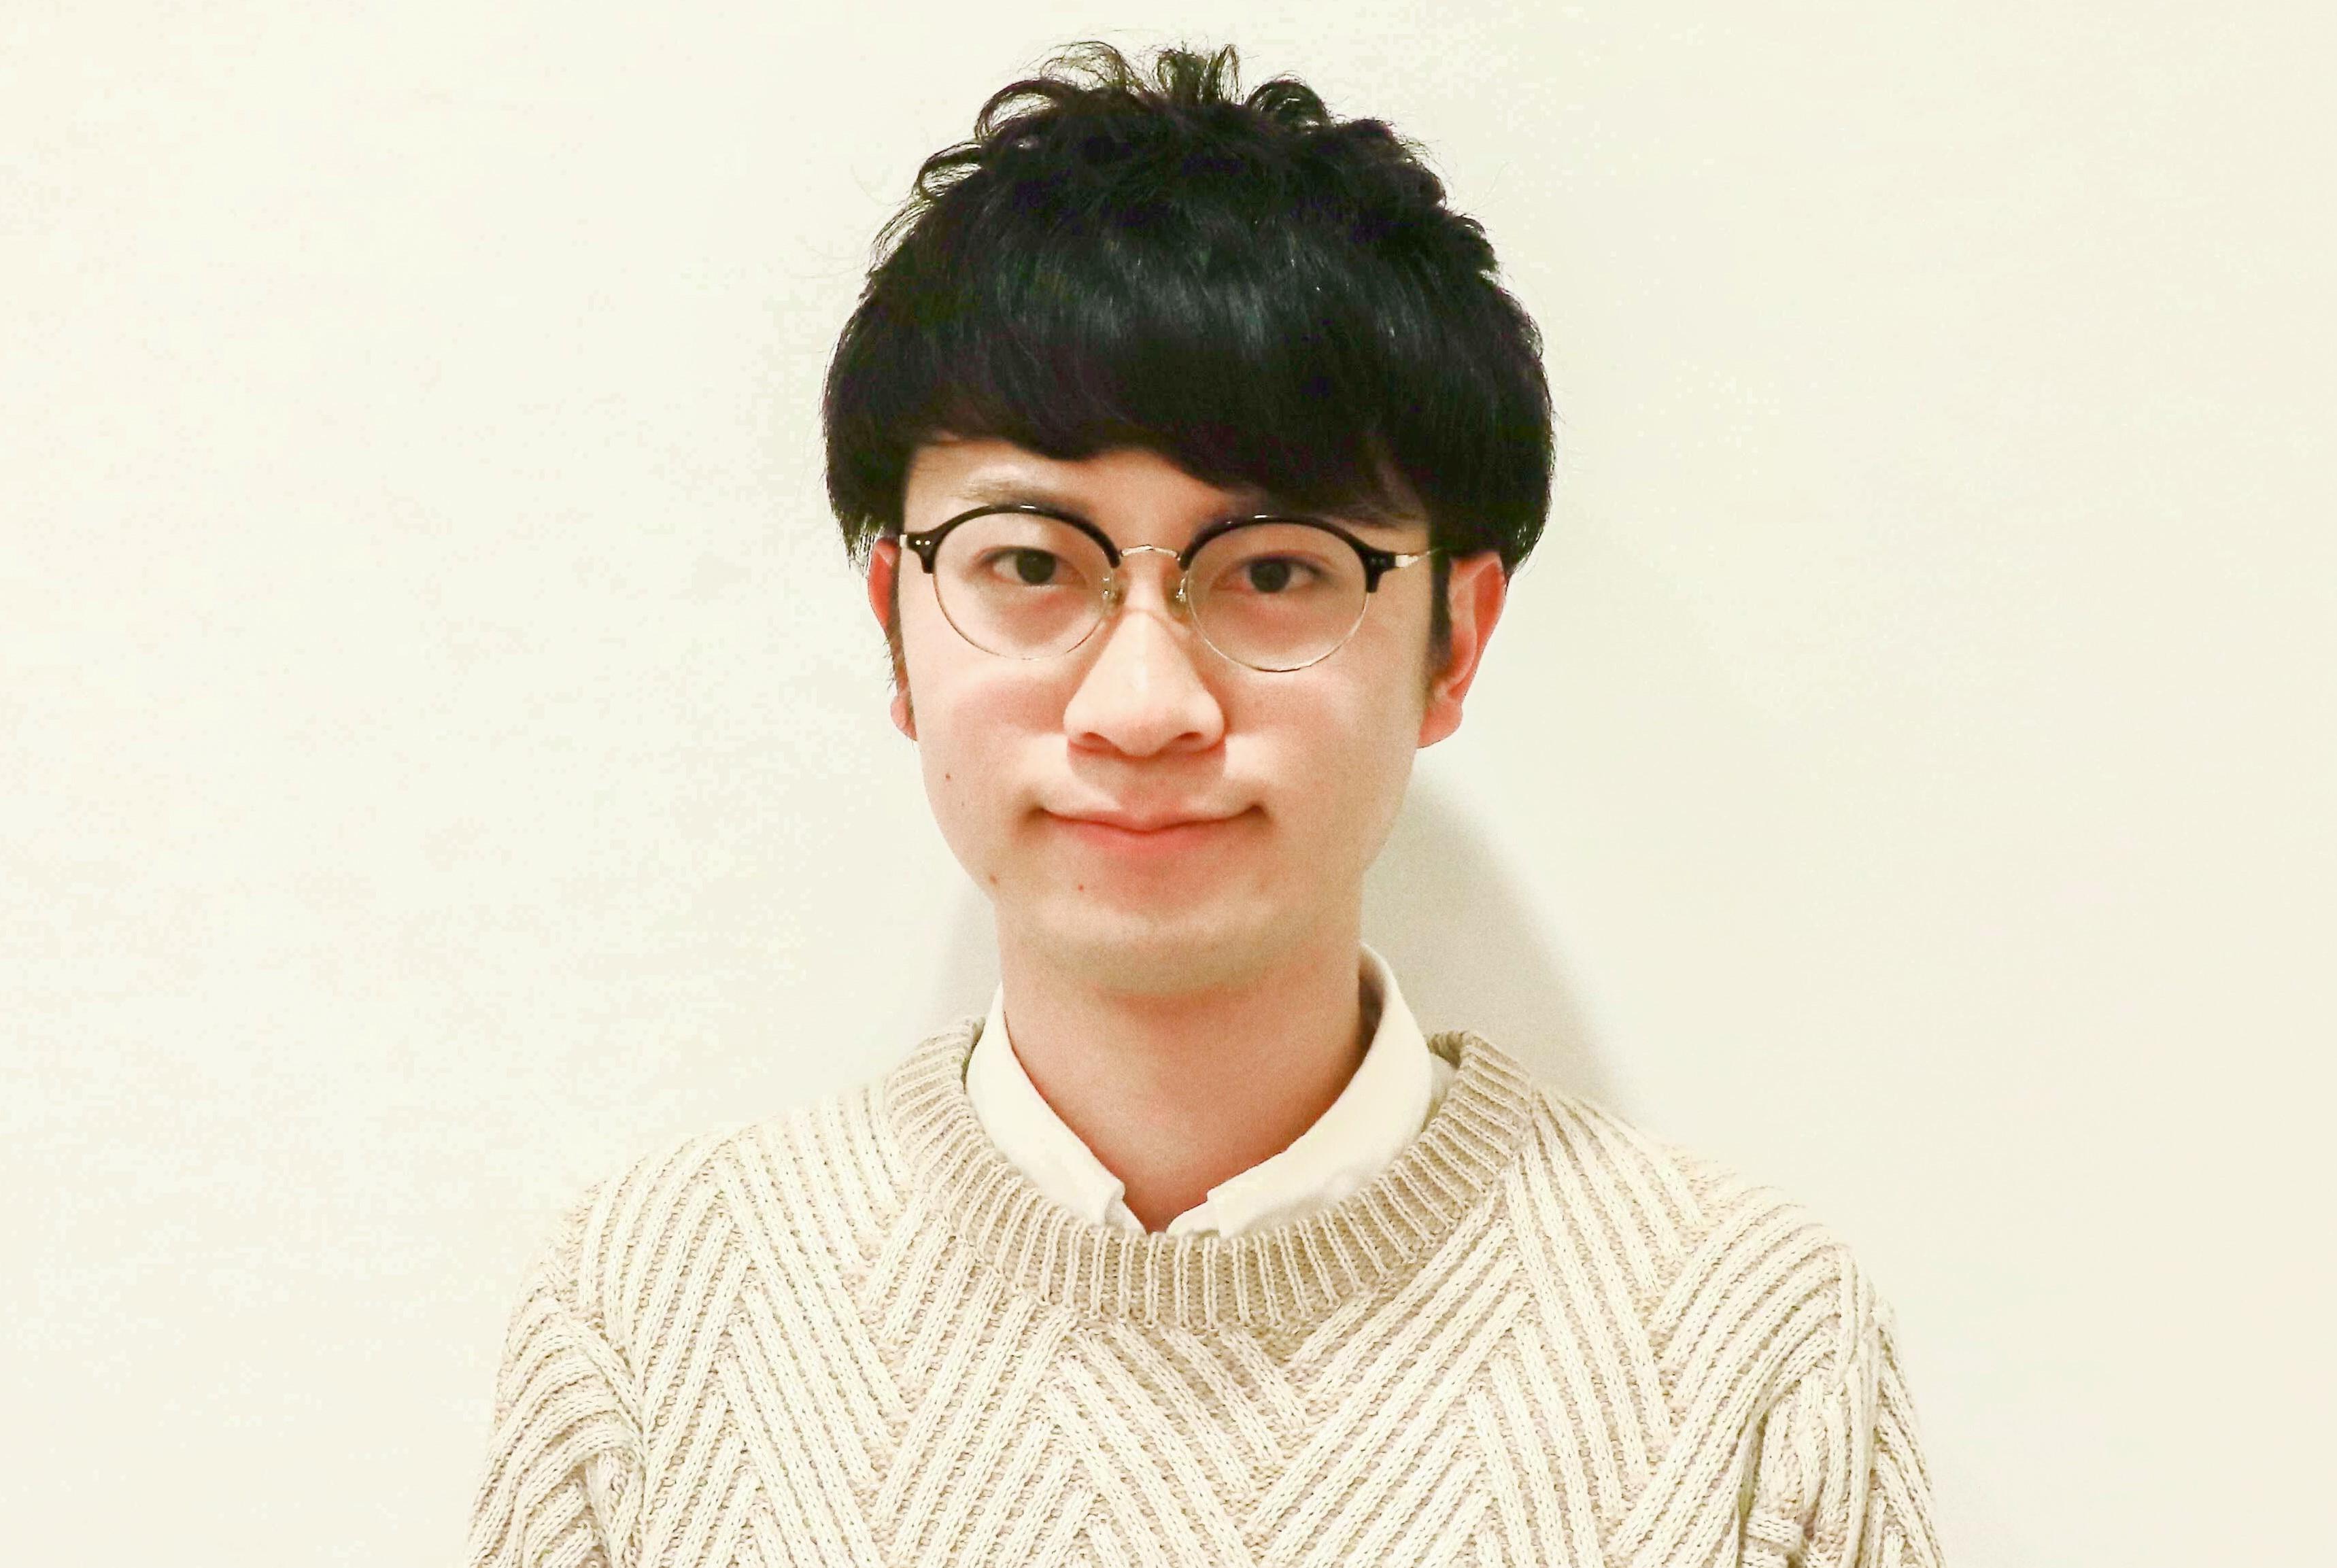 データアナリスト山田|INTERVIEW|株式会社D2C R